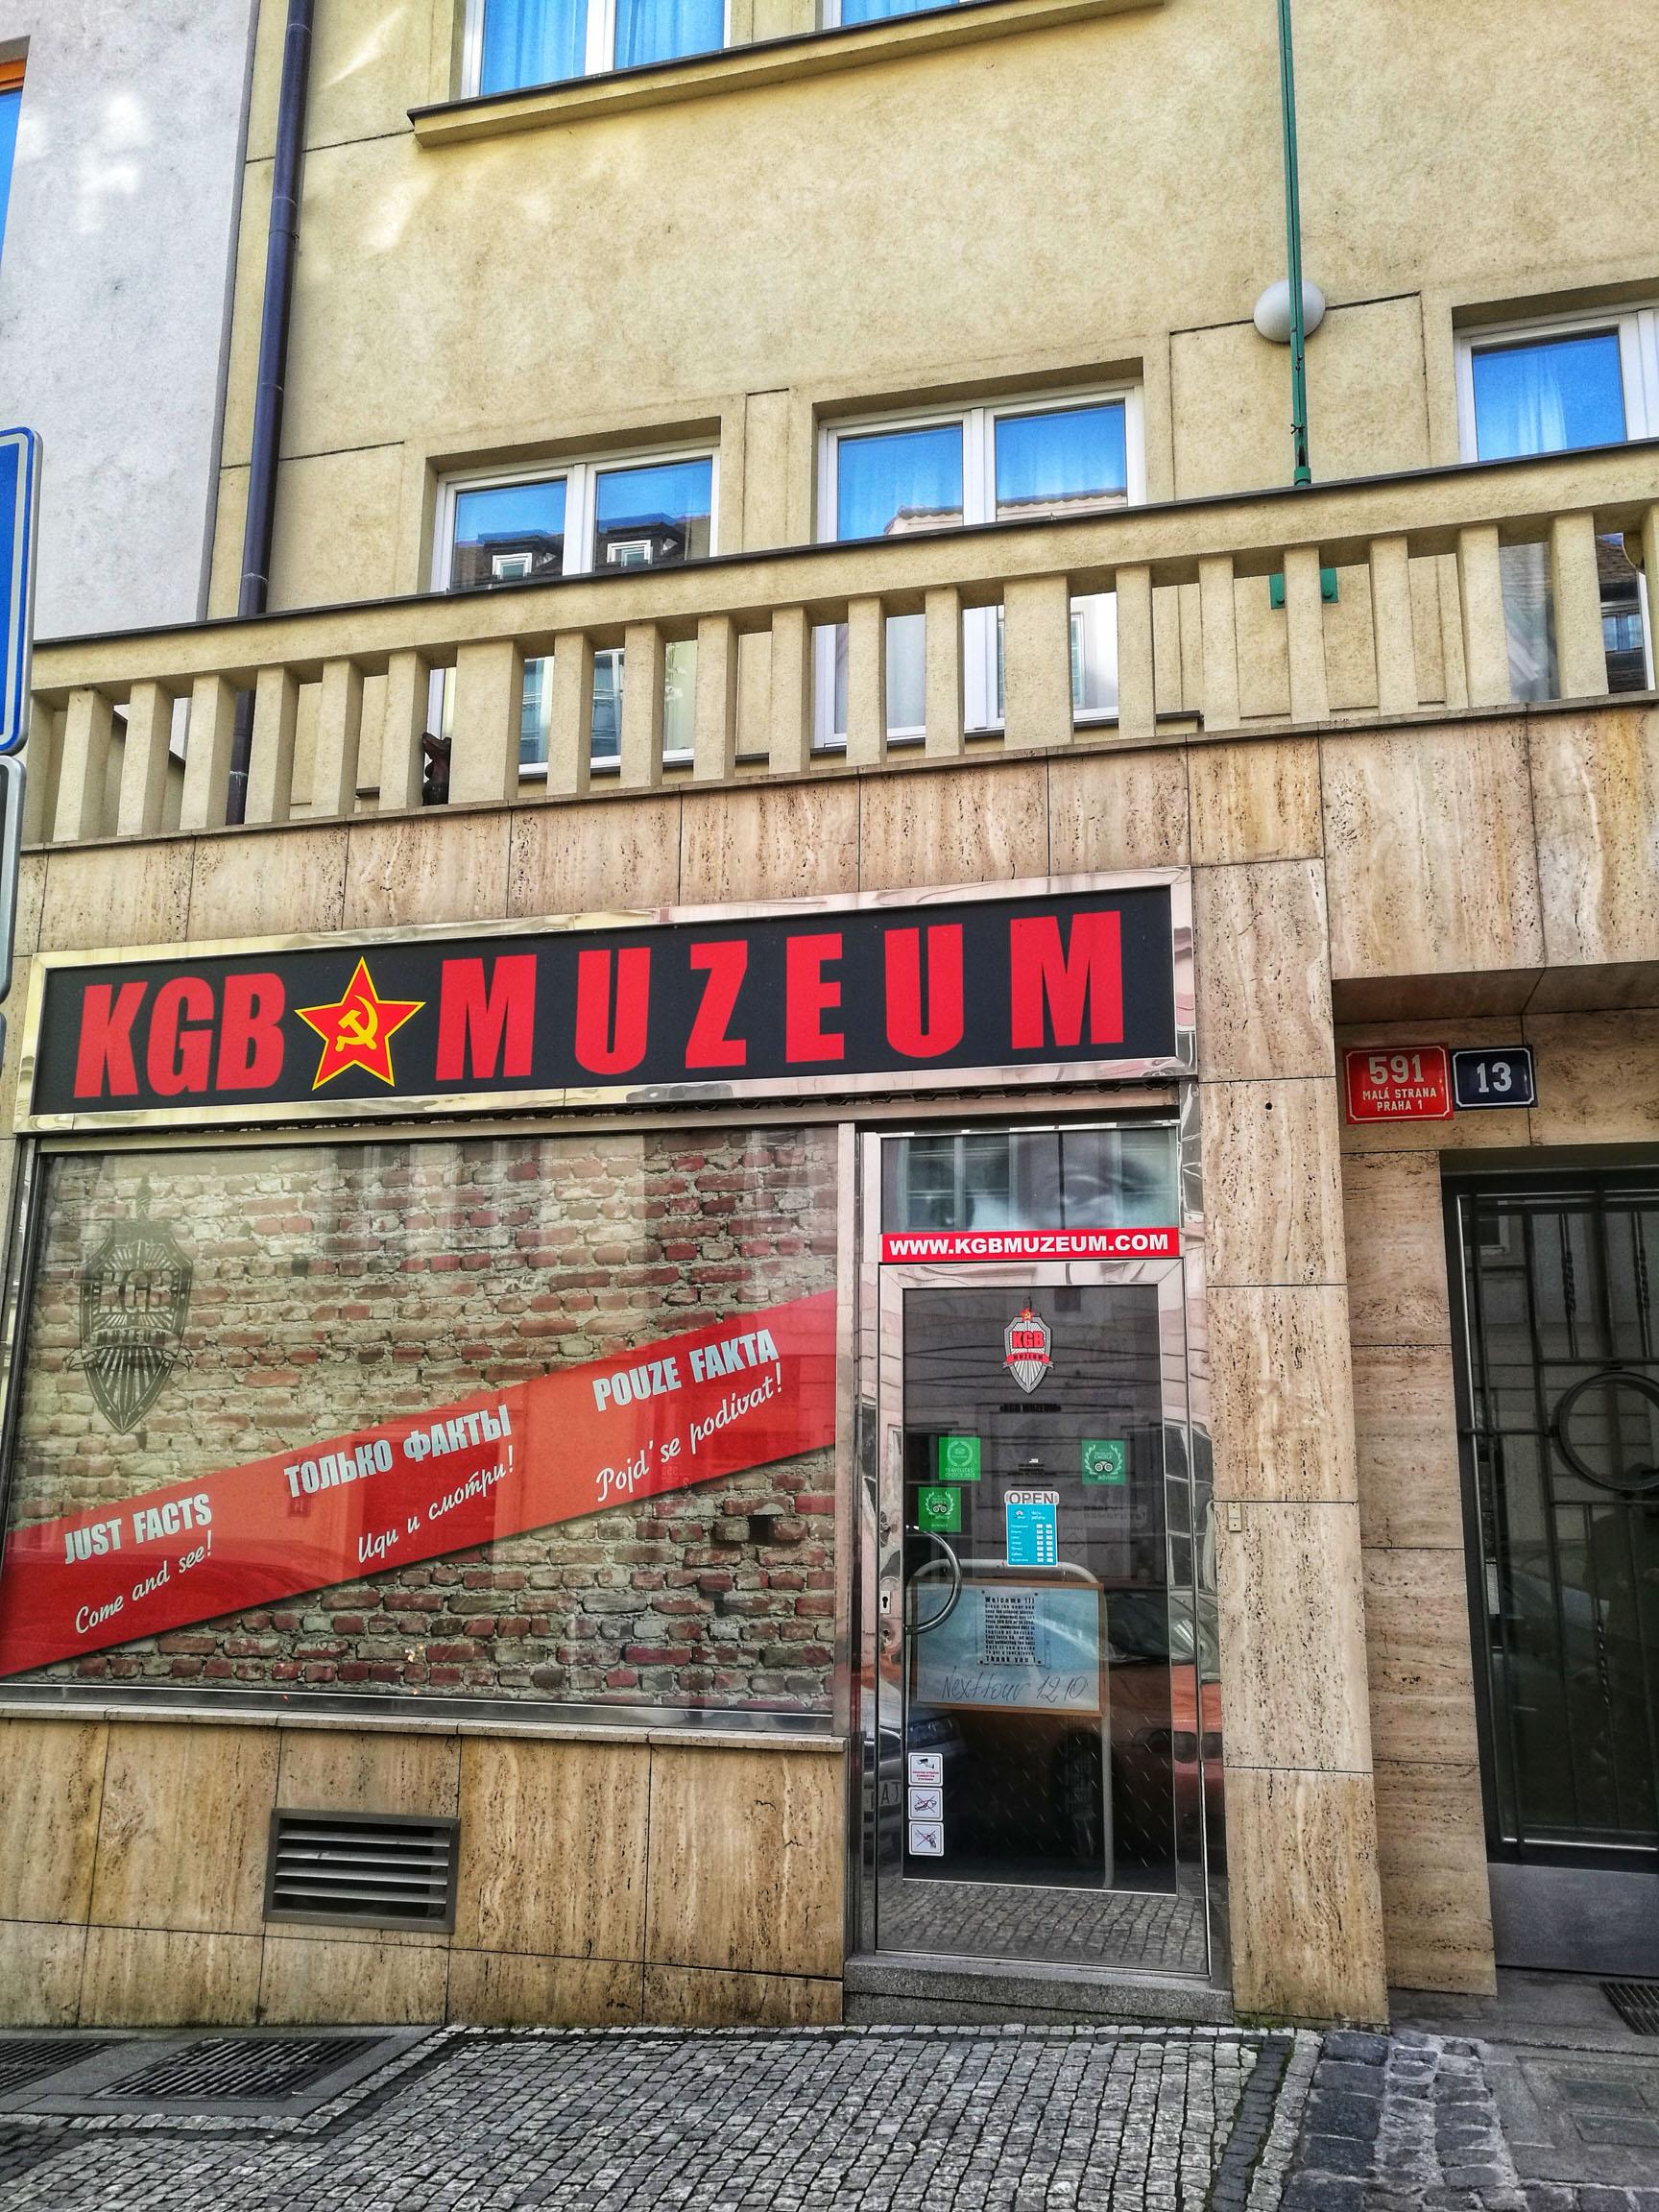 Blossom zine Praga in 4 giorni Il Museo del KGB